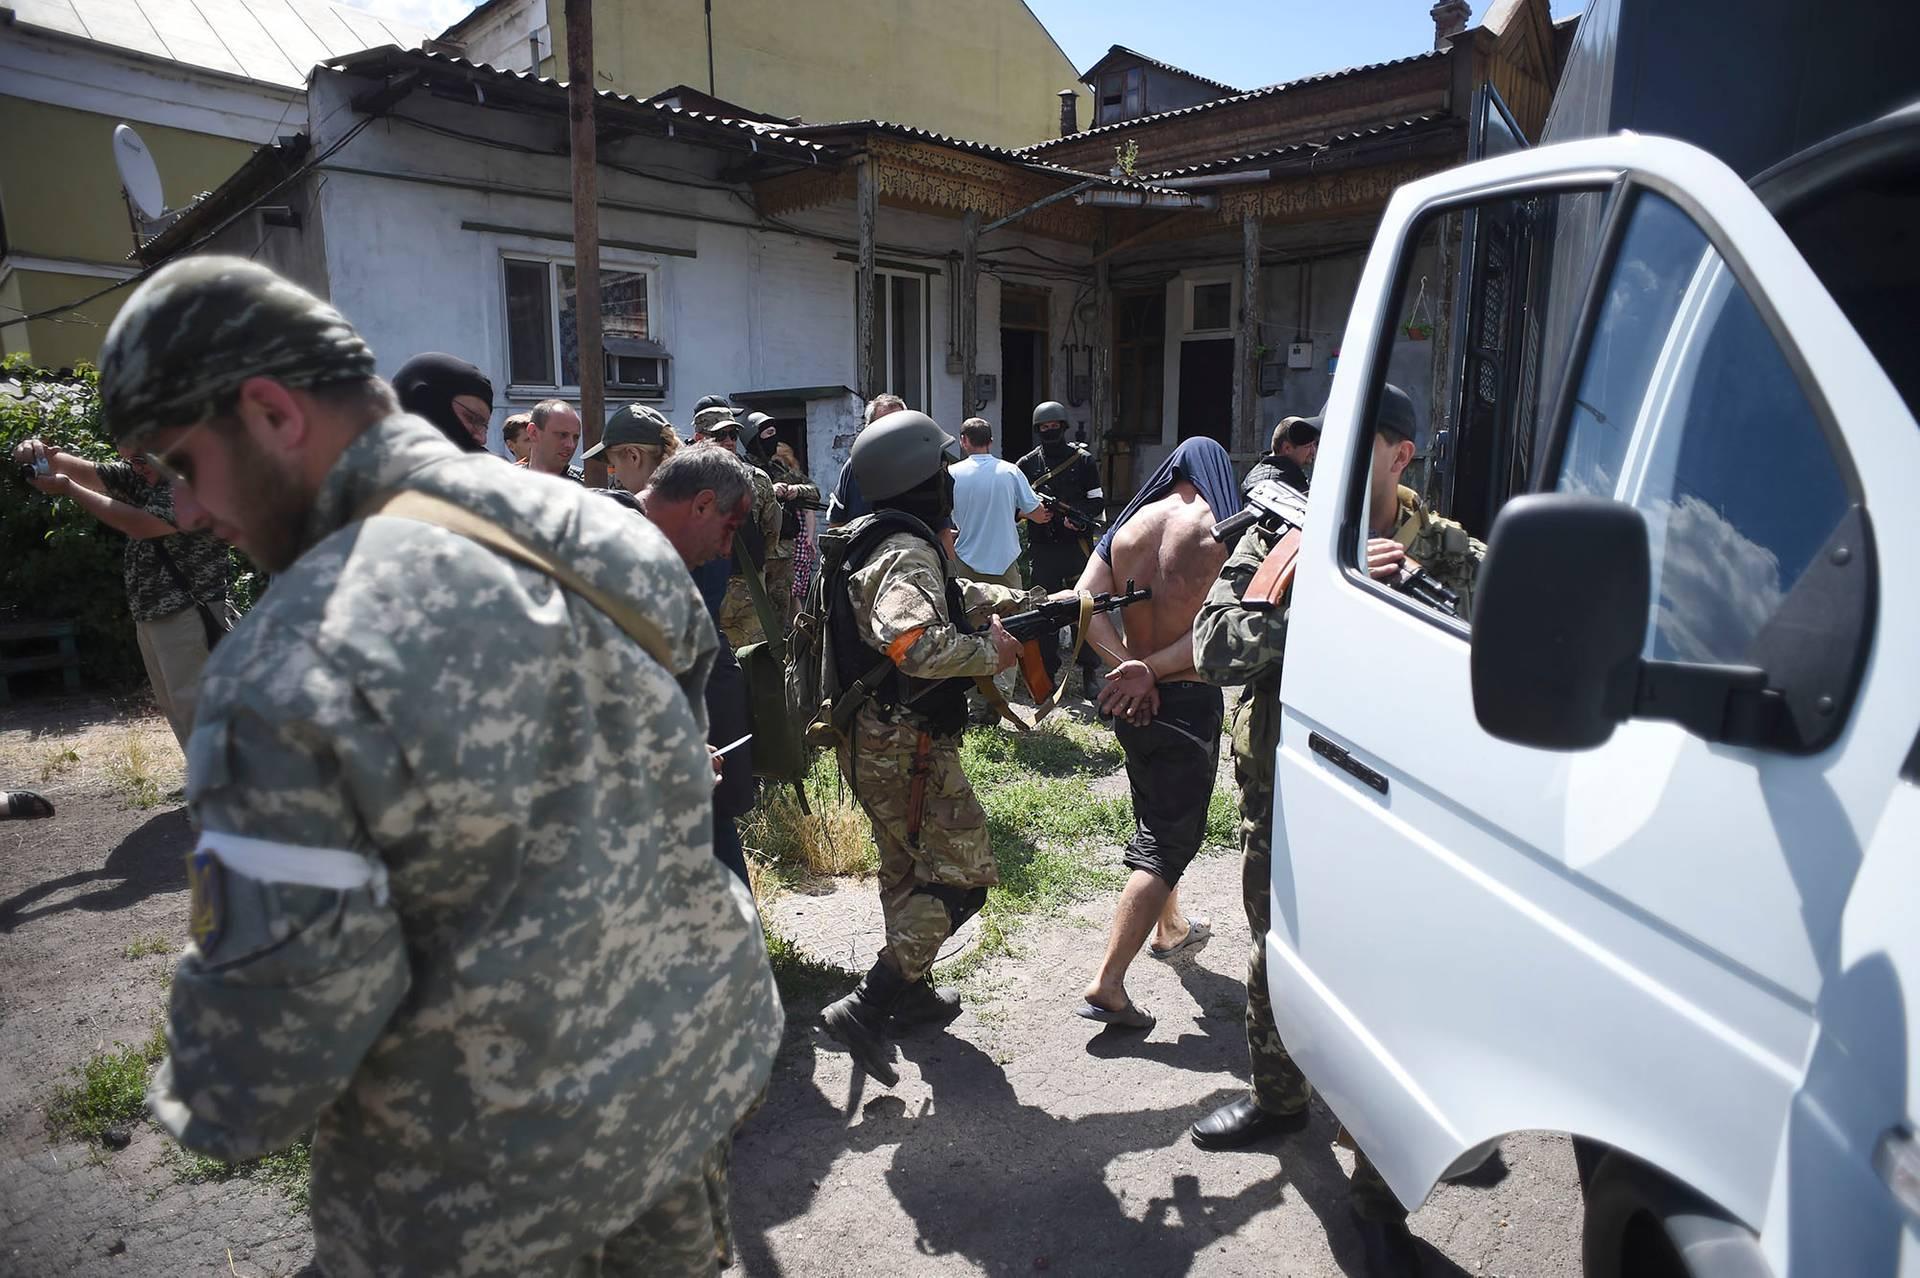 Українські військові арештовують проросійських активістів у Маріуполі після того, як взяли під контроль місто, Донецька область, 13 червня 2014 року